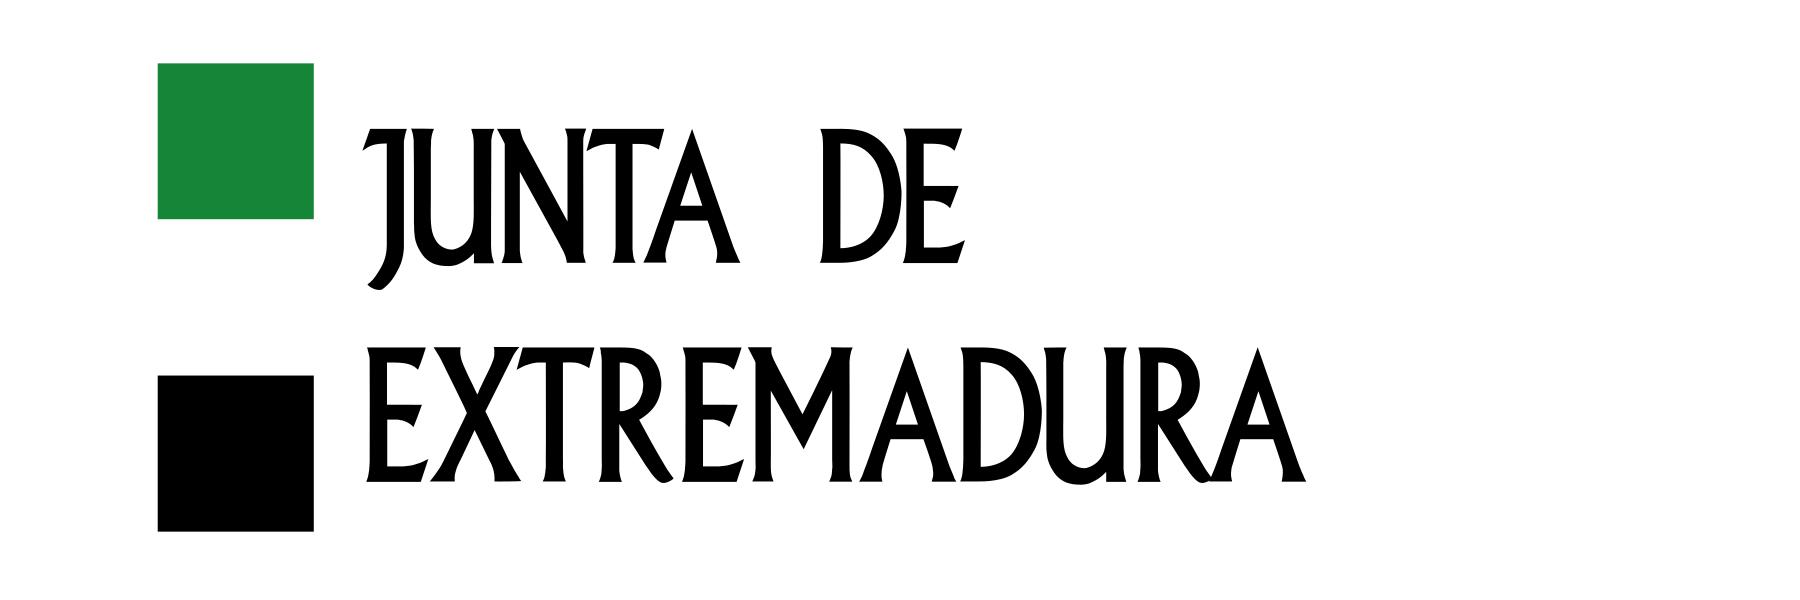 Logotipo Junta de Extremadura 1800x600